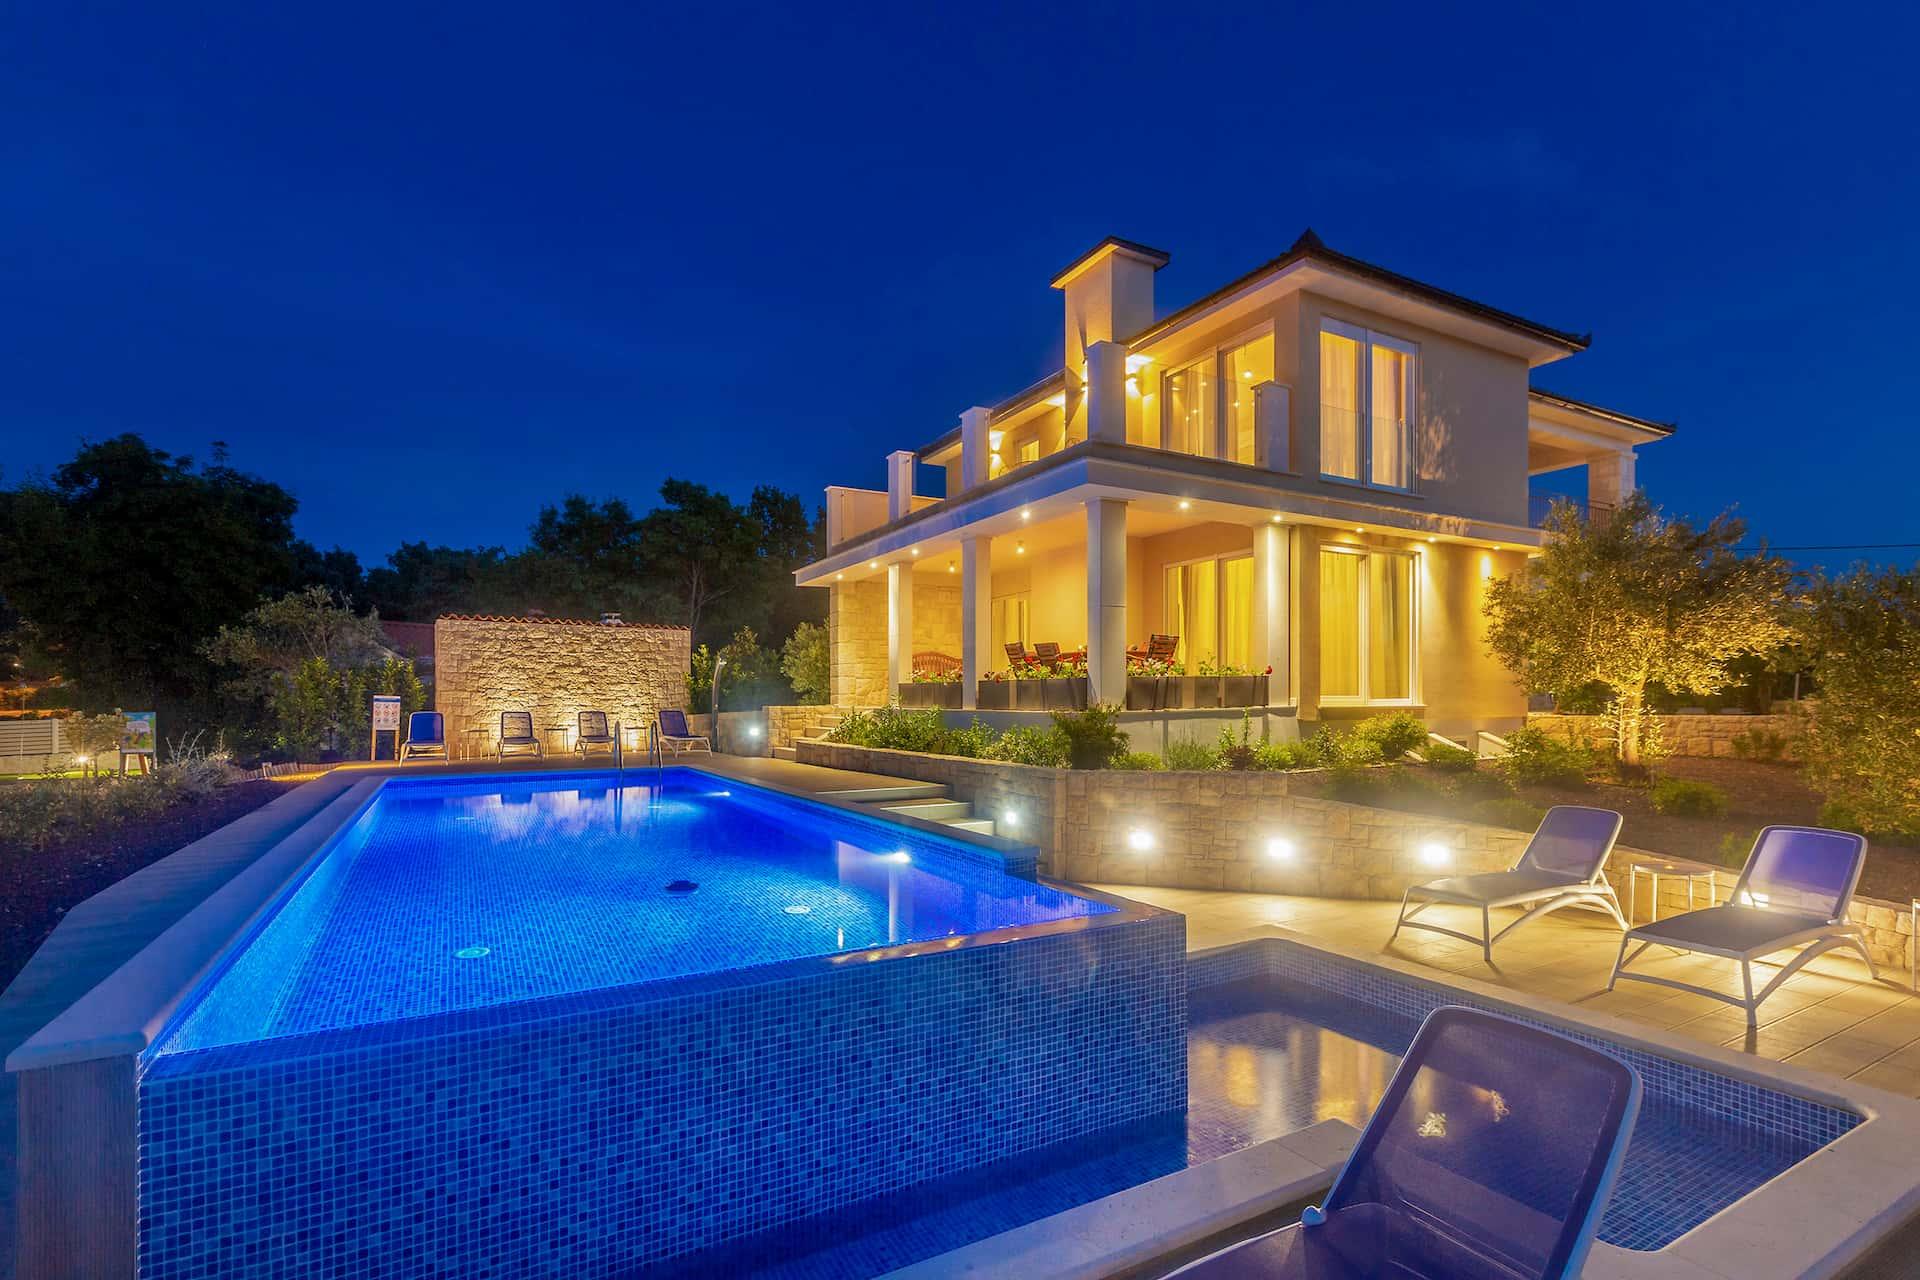 Schöne Villa in ruhiger Umgebung mit Pool